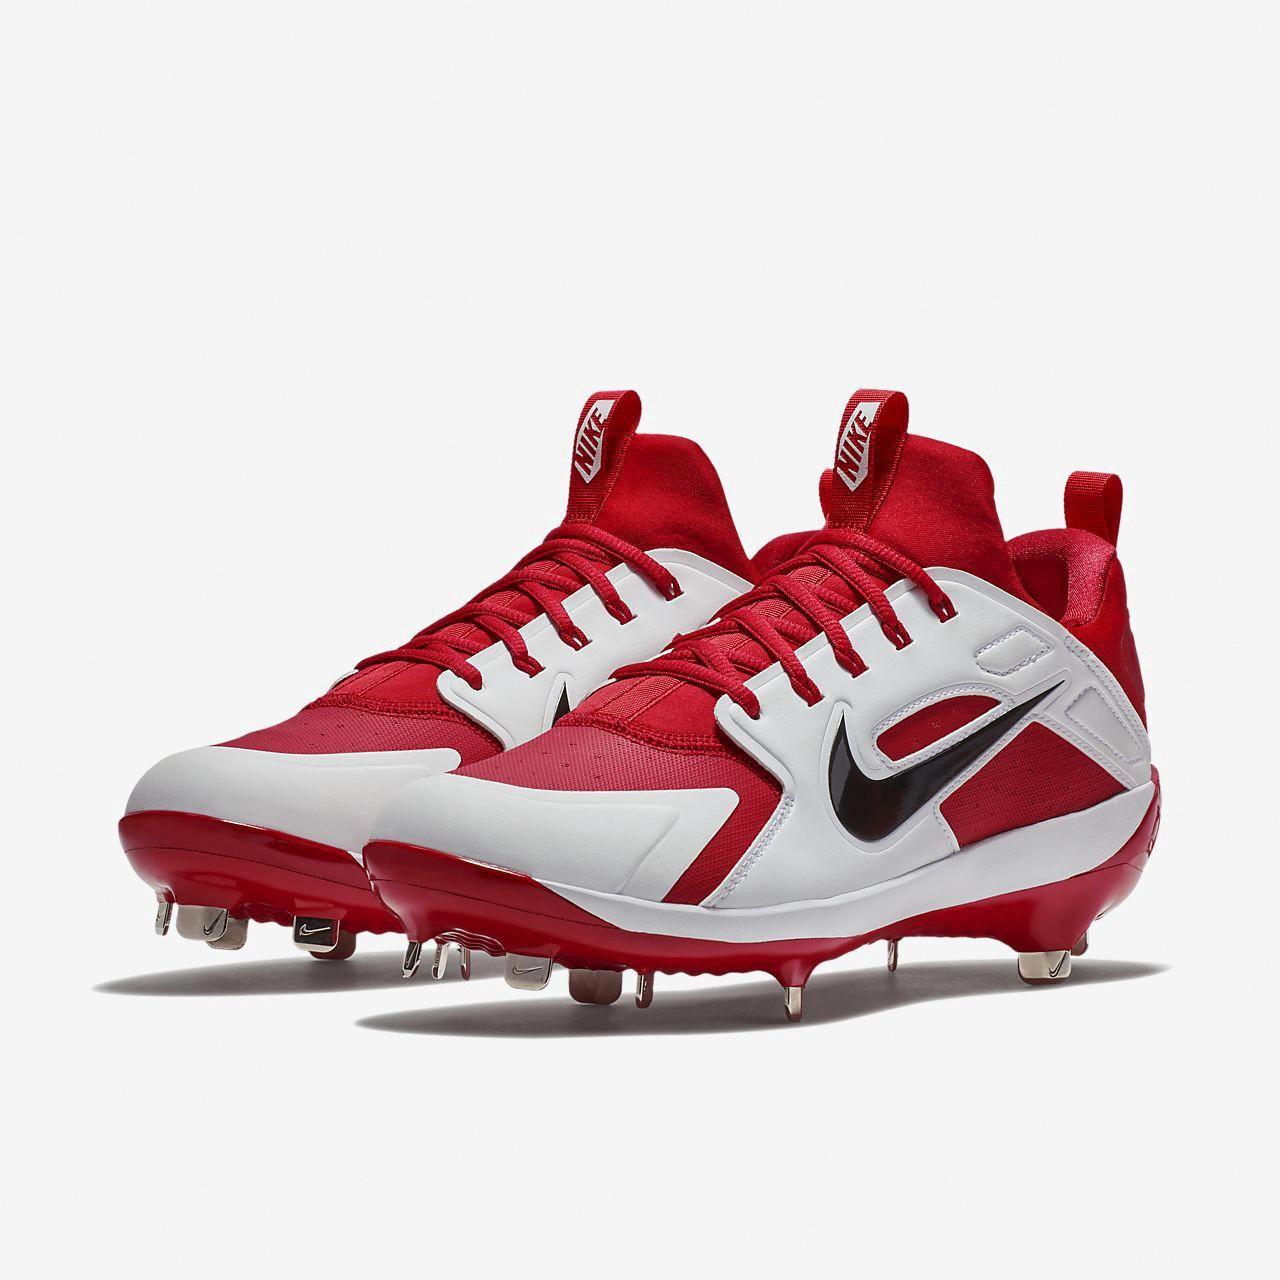 fbe7cf0537208e Nike Alpha Huarache Elite Low Men s Baseball Cleat - 10.5  baseballcleats